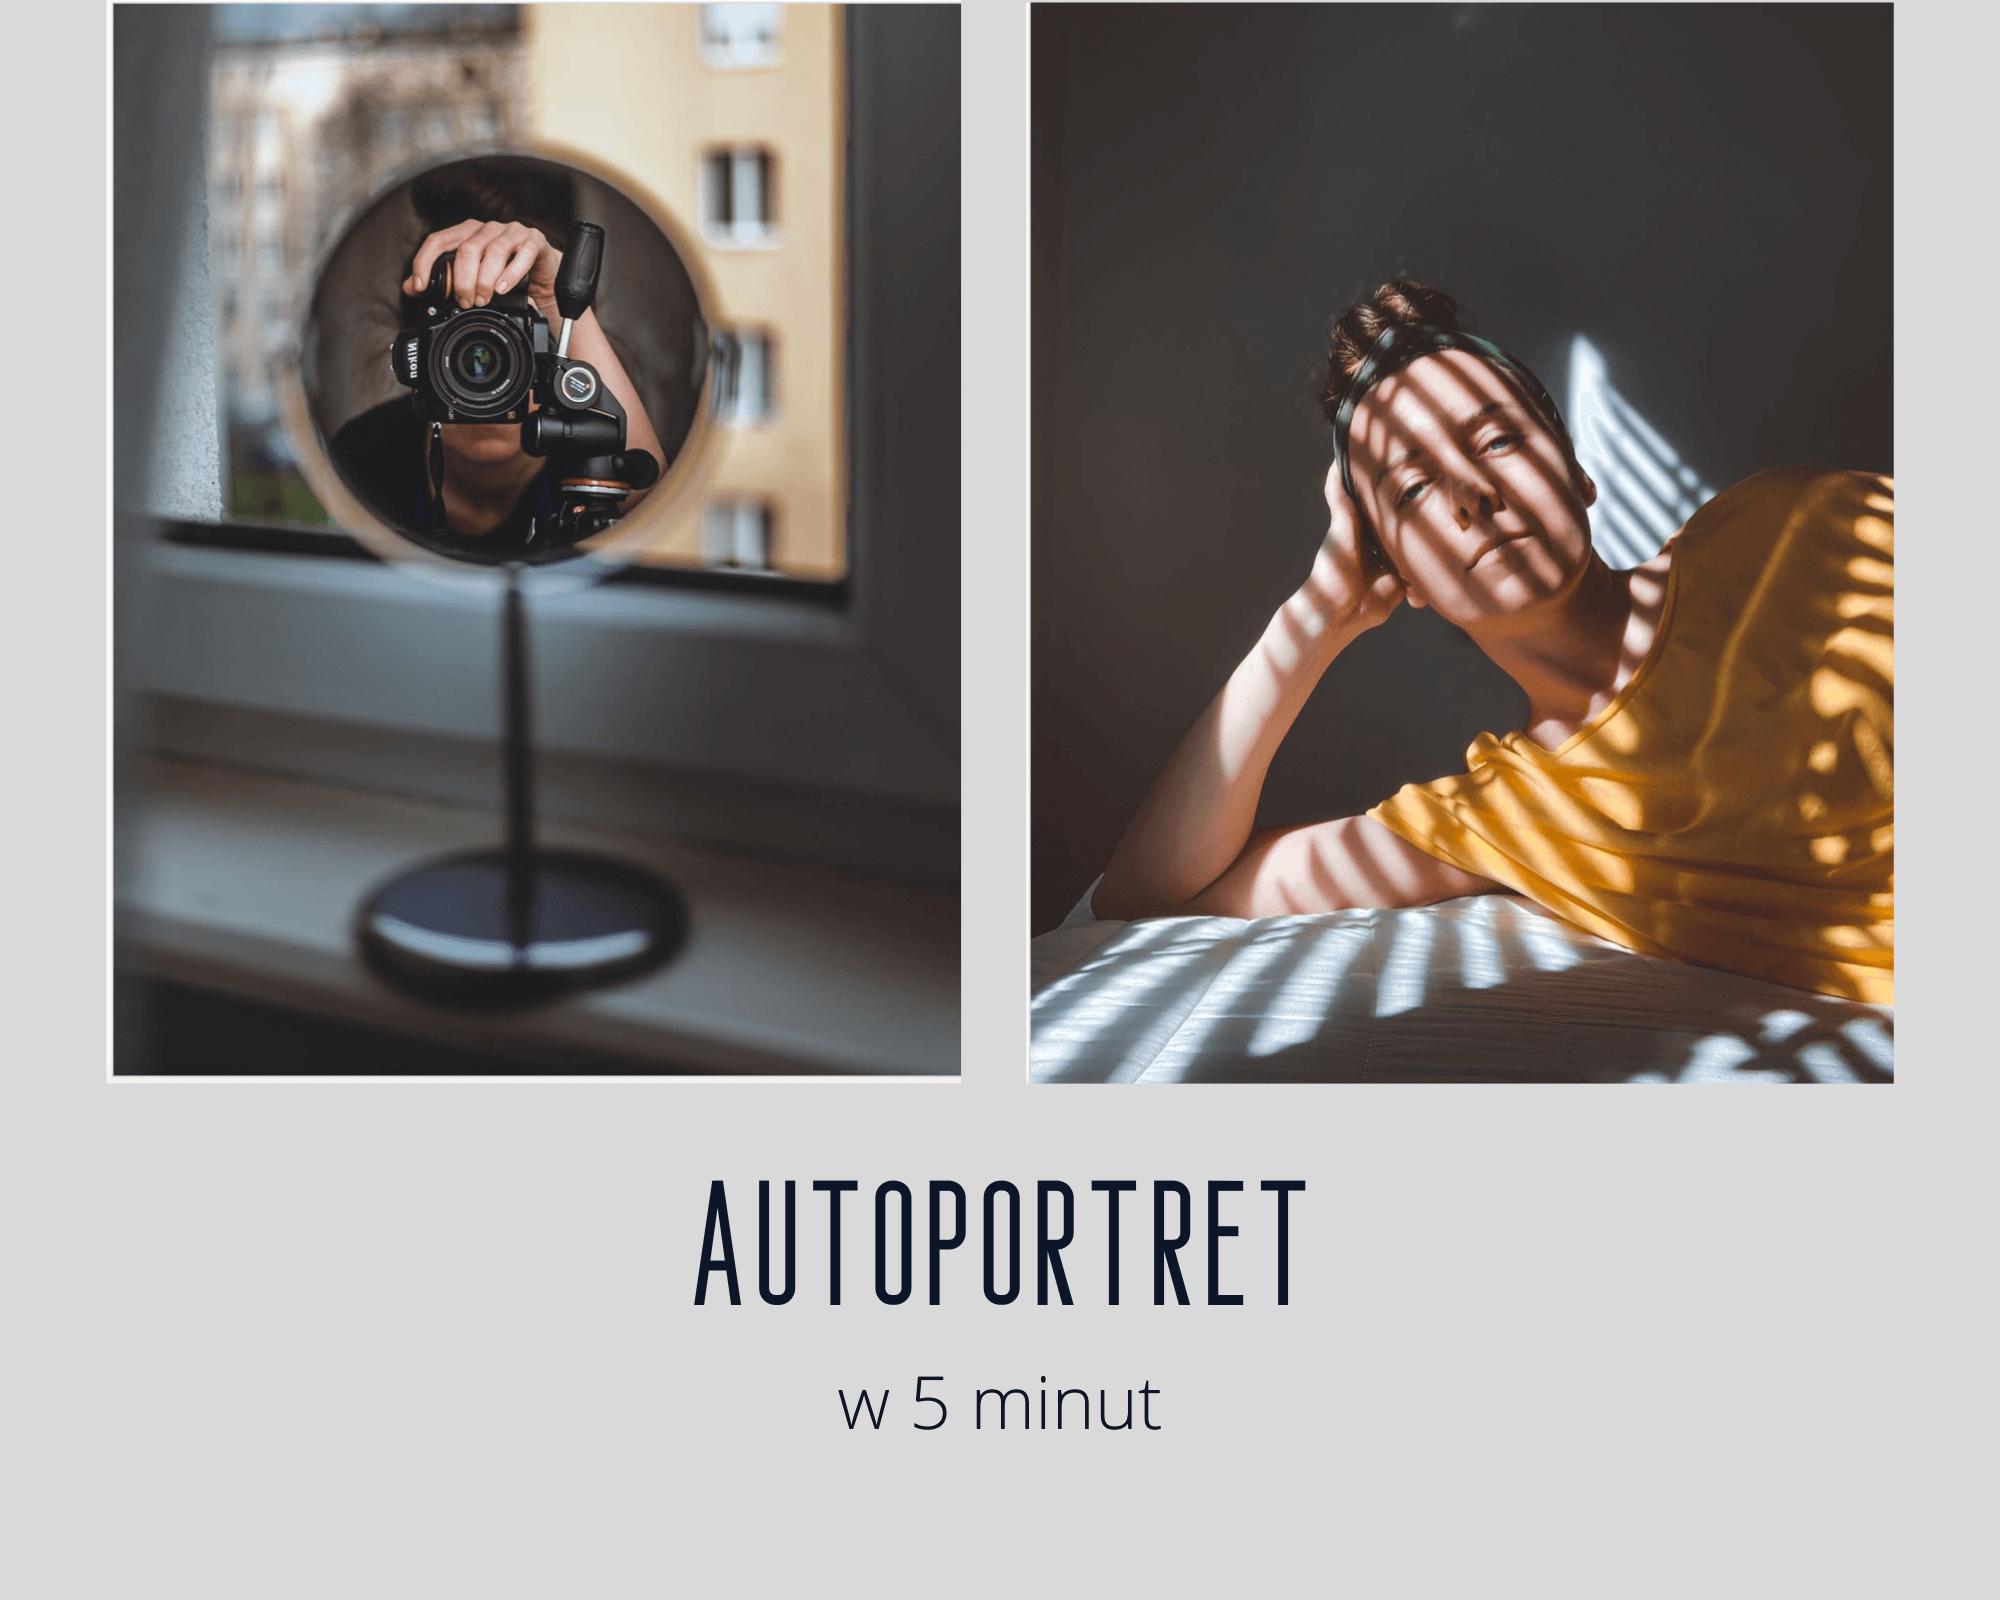 Jak zrobić kreatywny autoportret